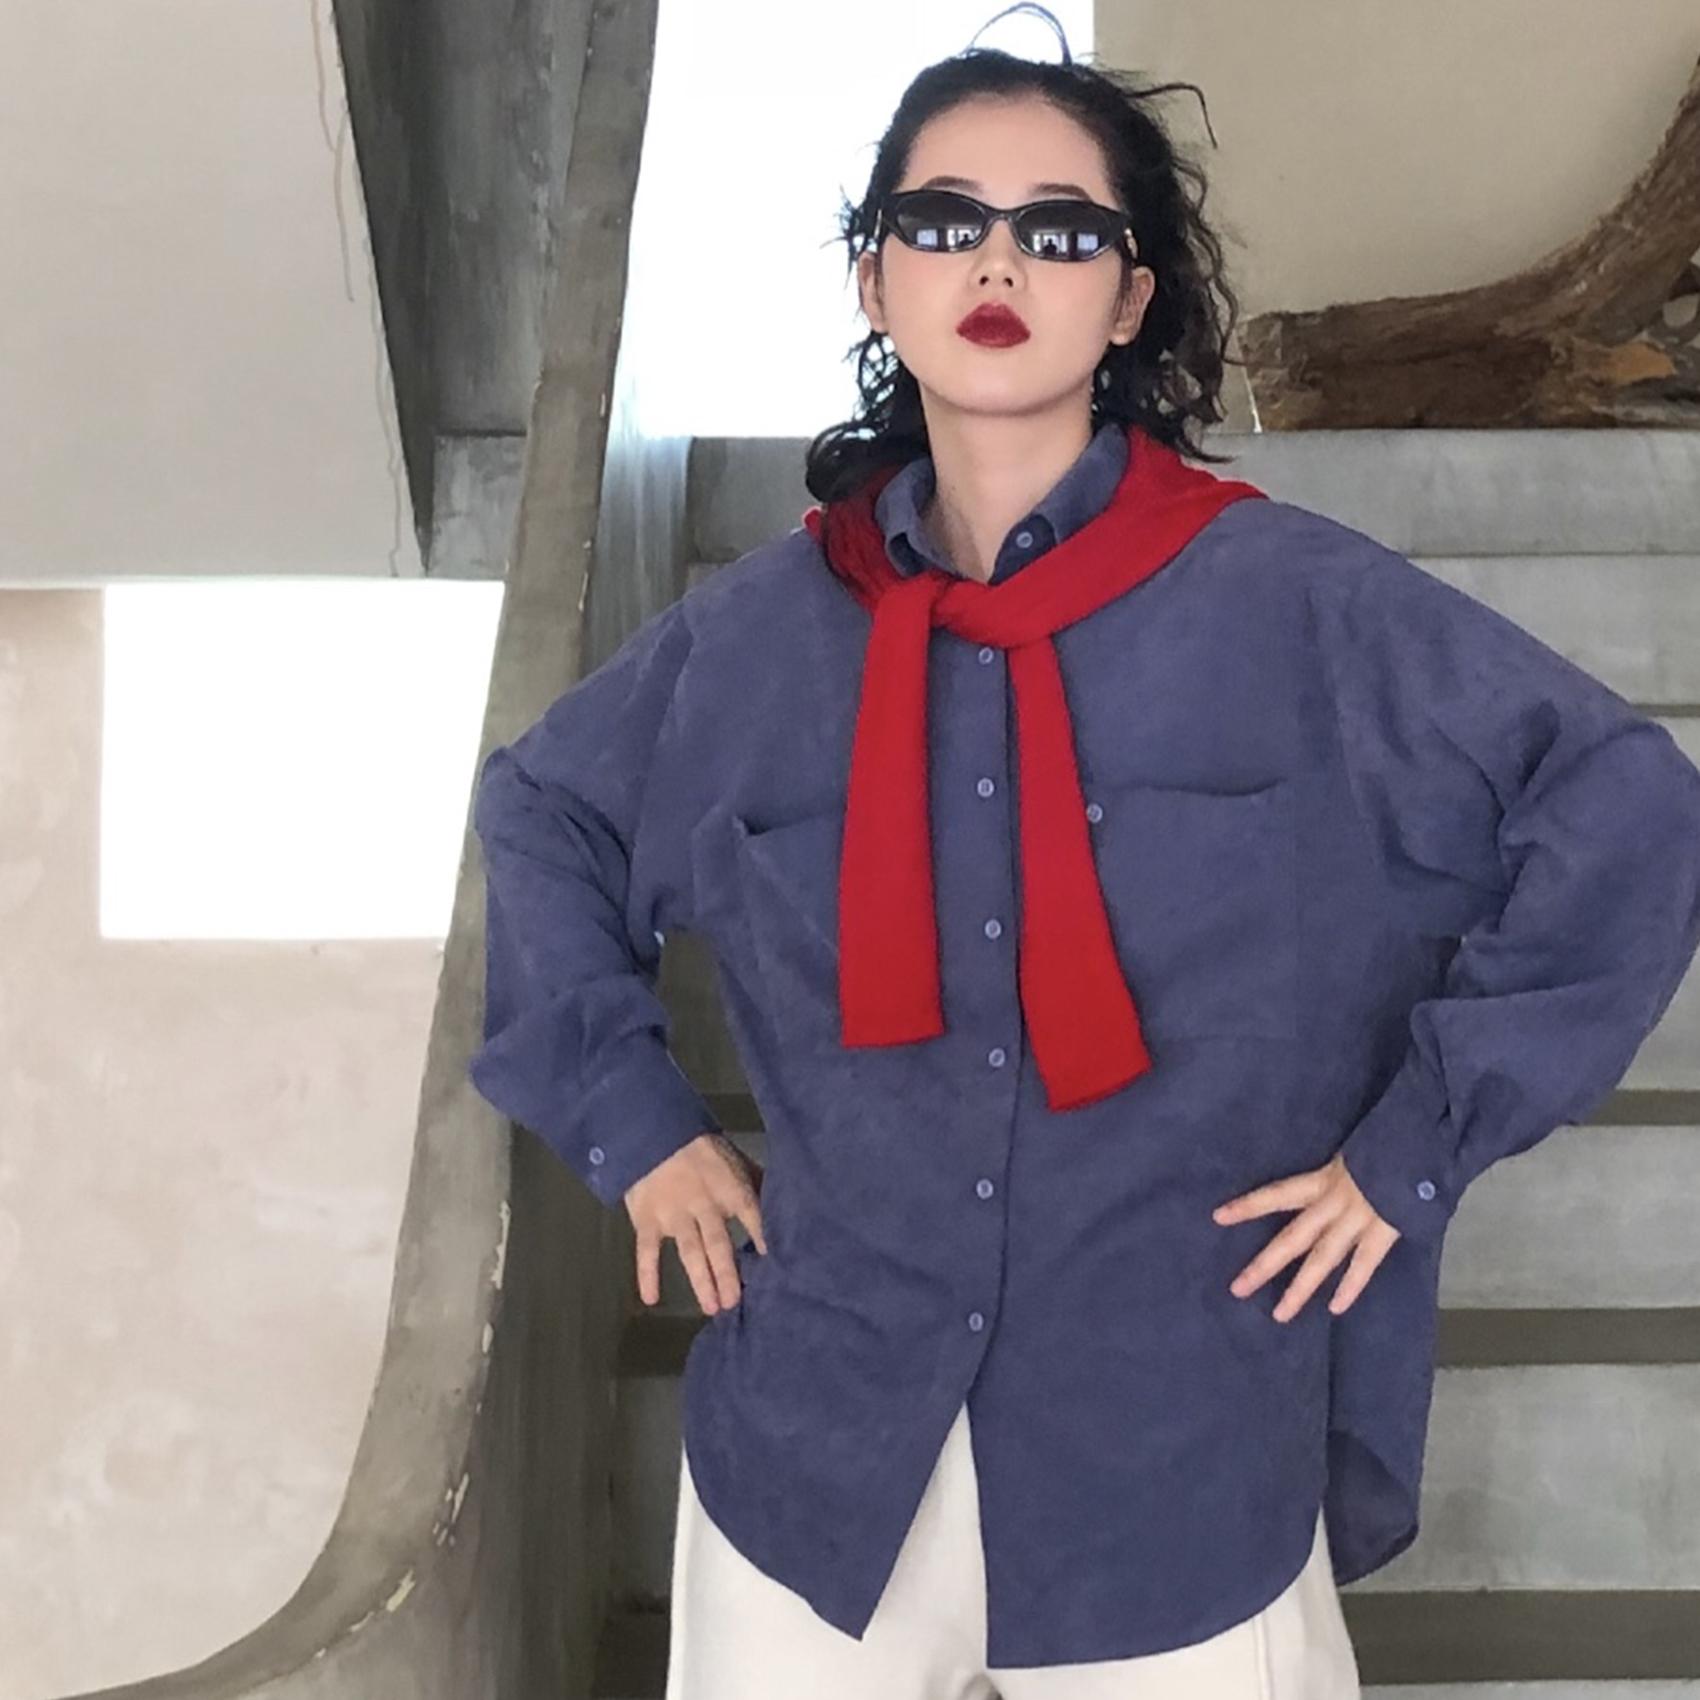 12月02日最新优惠cmmmlll 设计感小众衬衫2019秋季新款女法式复古港味小众长袖上衣